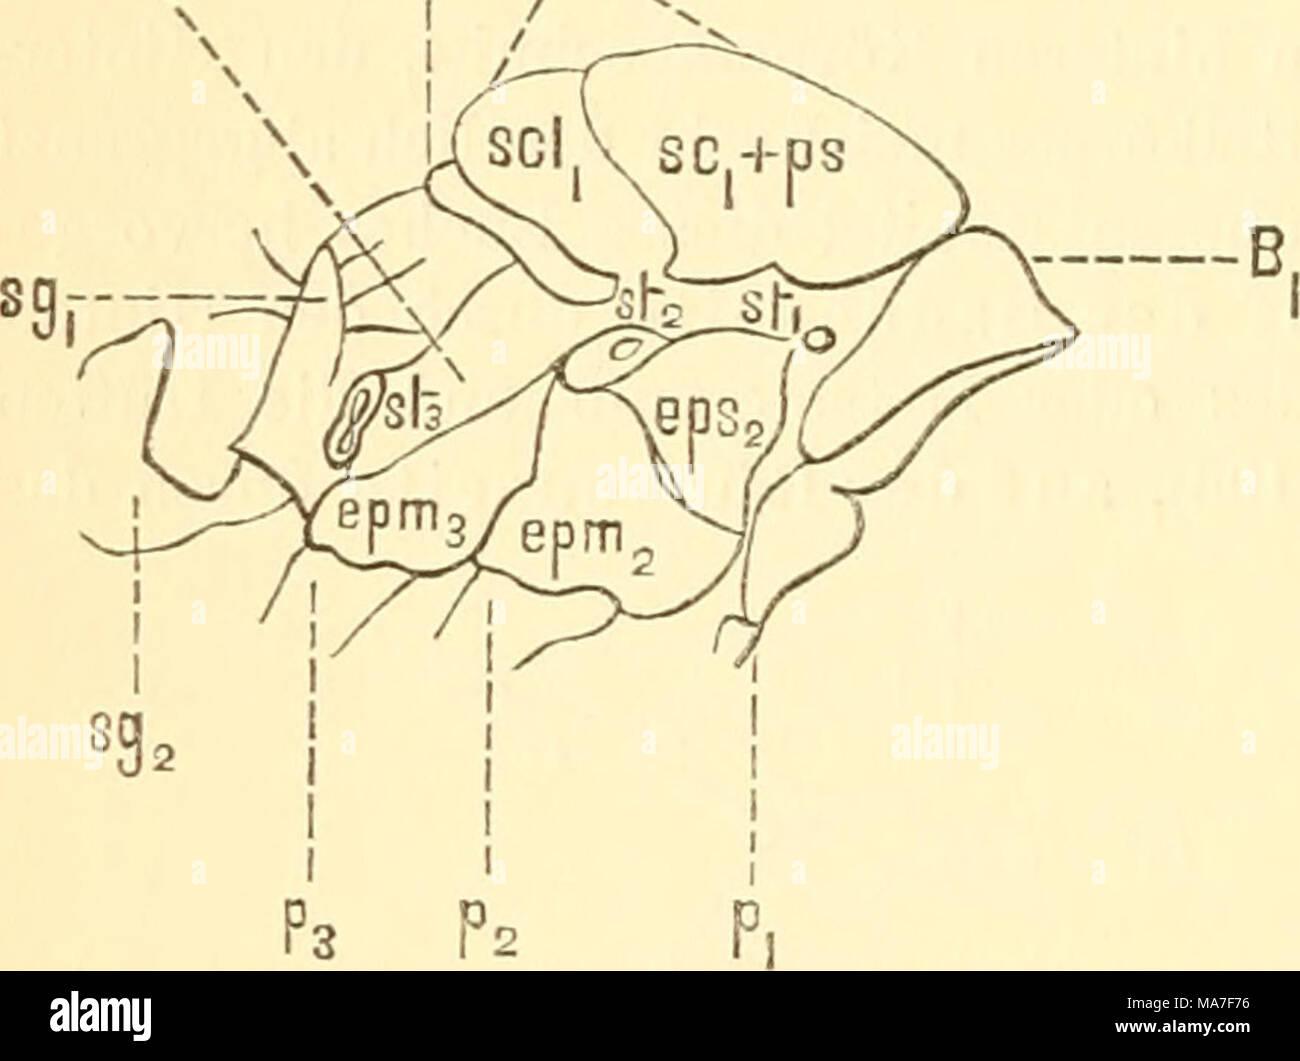 . EinfüHrung in die Kenntnis der Kämpfen. Abb. 194. Brustabschnitt einer Ameise, Atta Barbara L. / Brauer. Bi, Vorderer Brustring, Prothorax, Pi, Grund-Teil des VORDERBEINS I Stockbild